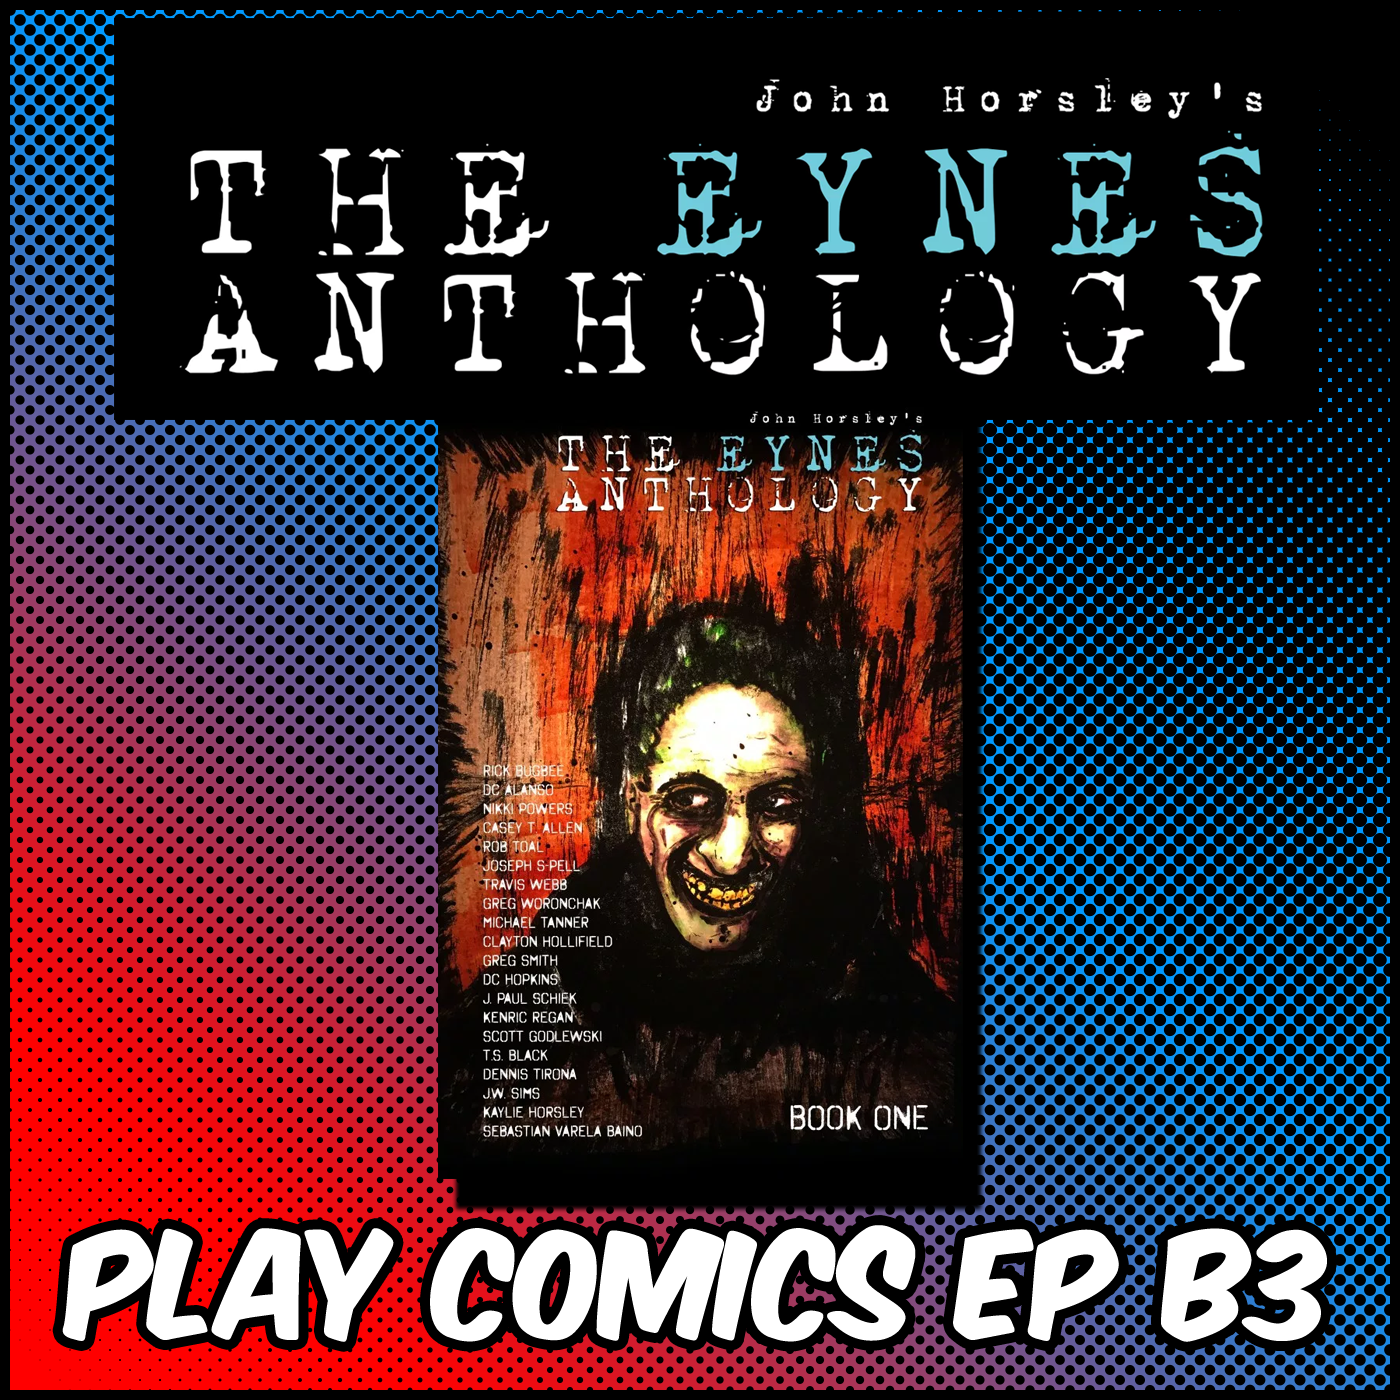 Bonus: The Eynes Anthology Book One with John Horsley